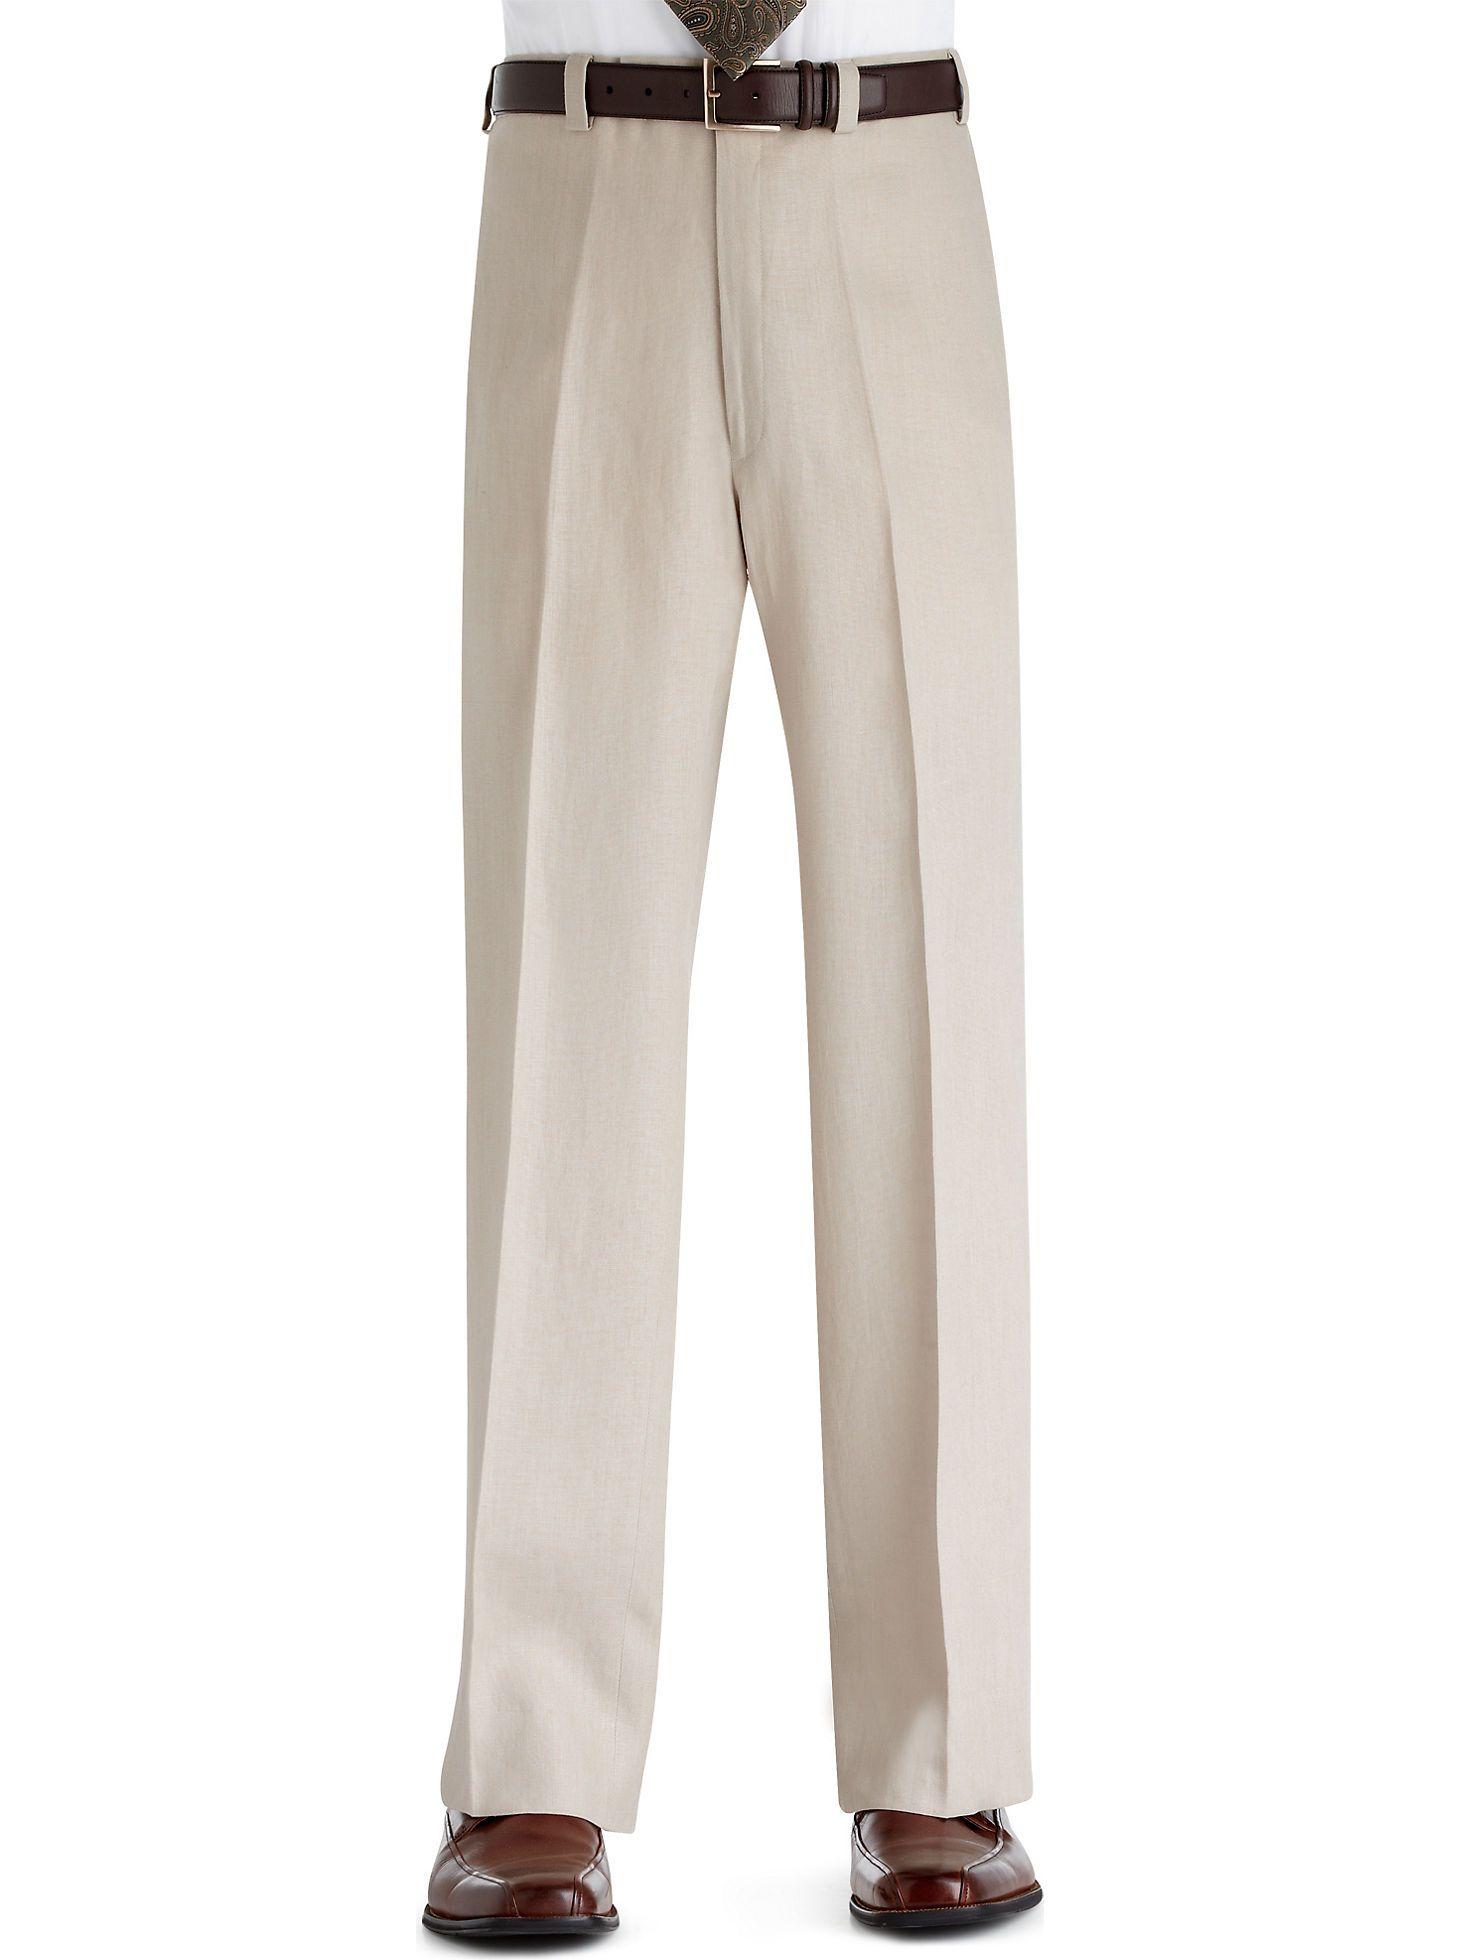 Pants Shorts Calvin Klein Tan Linen Suit Separates Slacks Men S Wearhouse Business Attire For Men Designer Clothes For Men Khaki Slacks